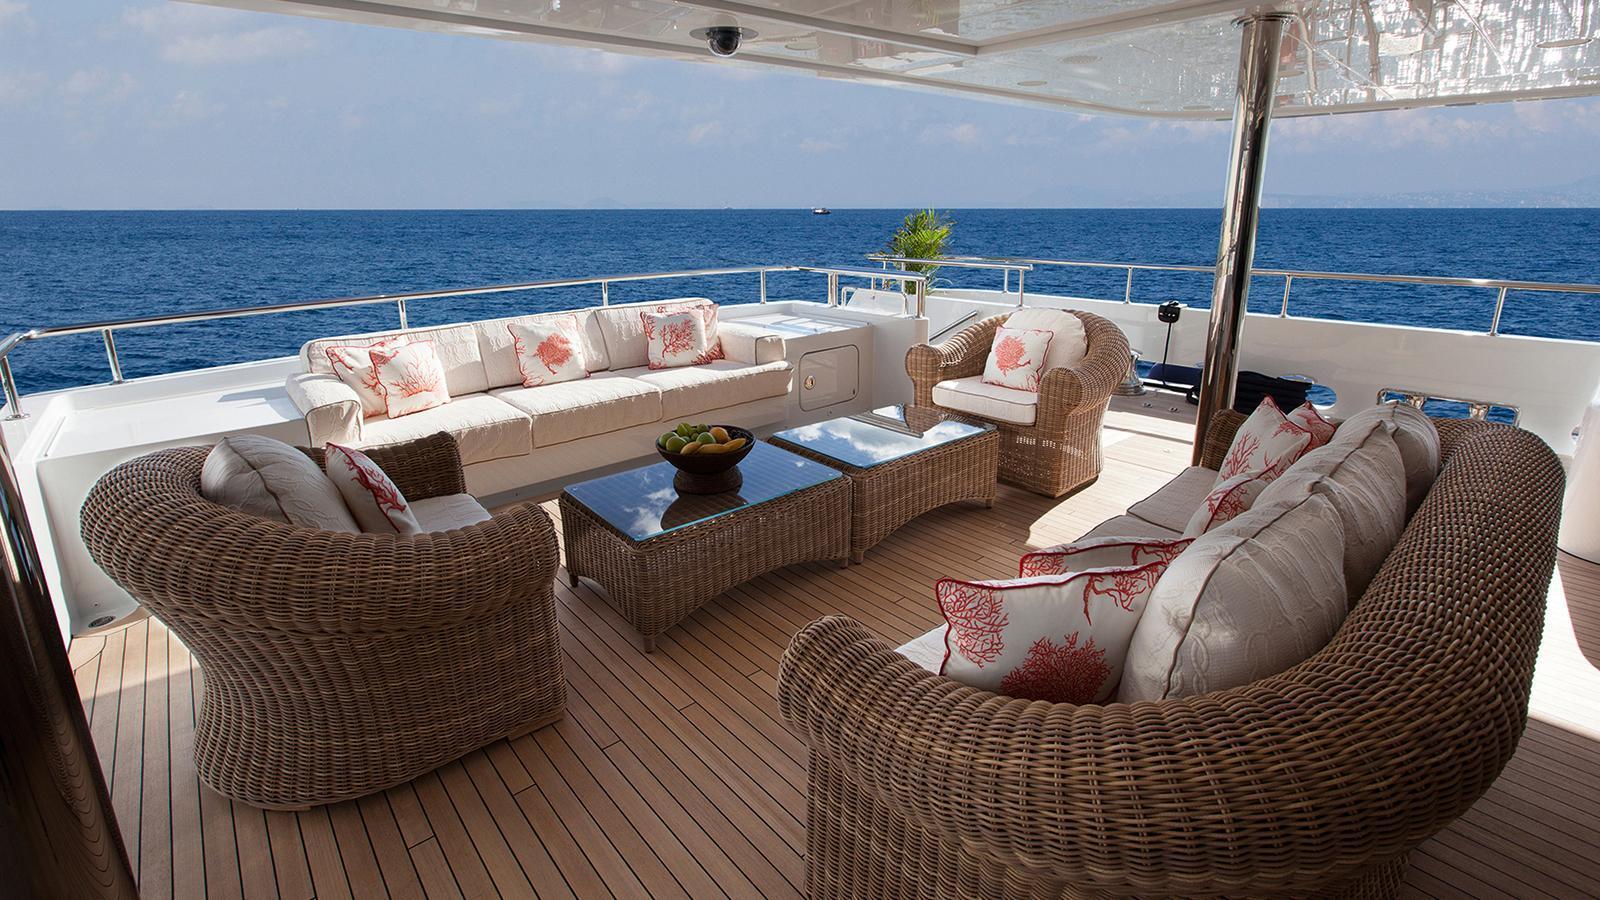 gazzella-motor-yacht-codecasa-2015-50m-aft-deck